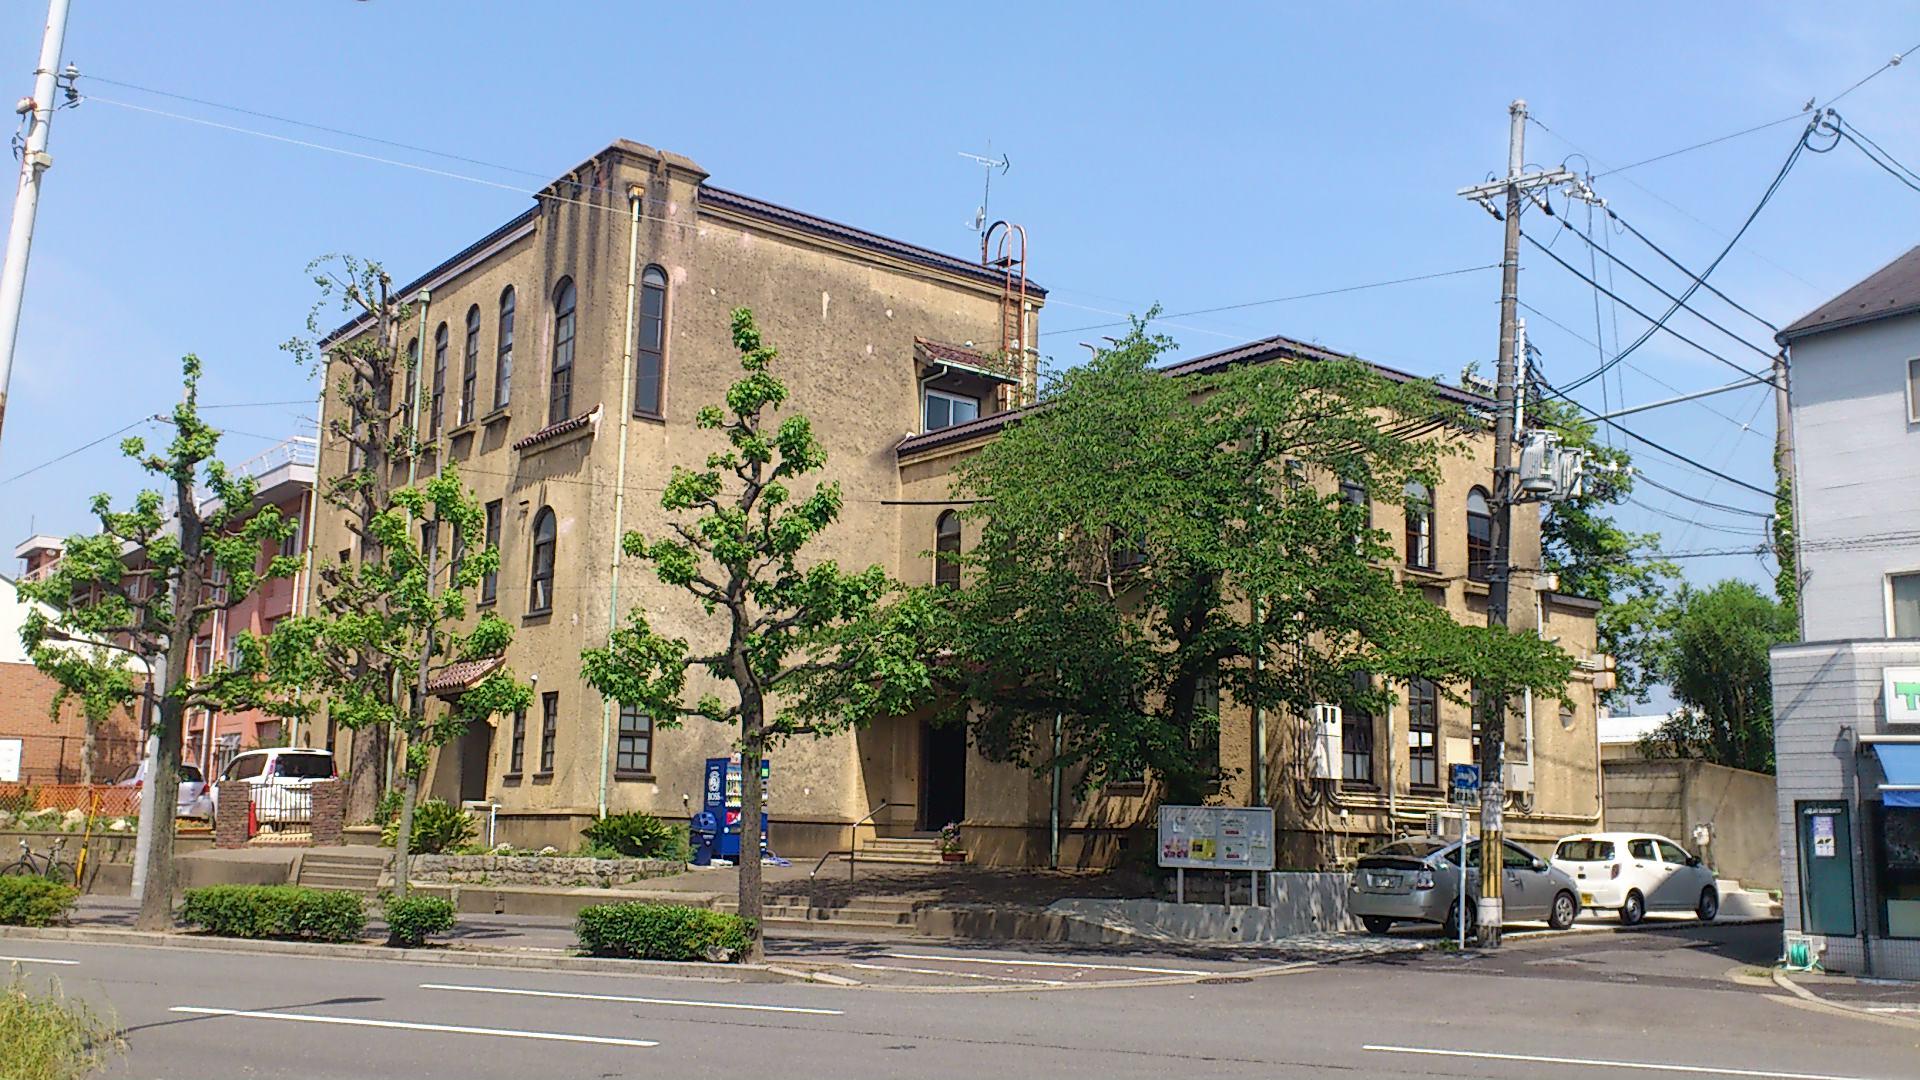 気になる近代建築・紫明通の紫明会館。昭和初期のアメリカ経由のスパニッシュ♪